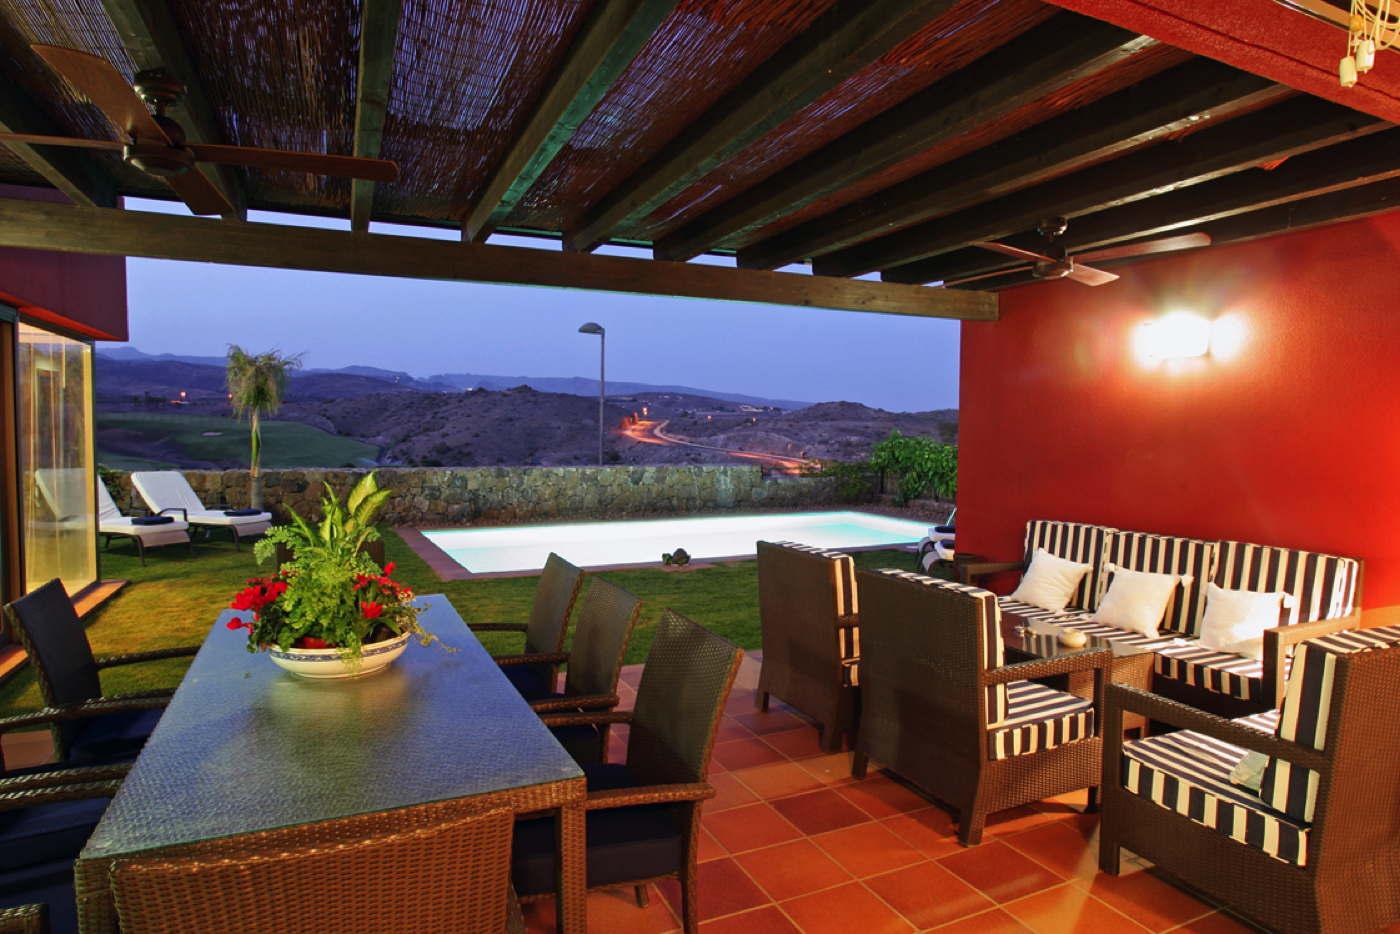 ferienvilla mieten in golfresort mit pool auf gran canaria. Black Bedroom Furniture Sets. Home Design Ideas